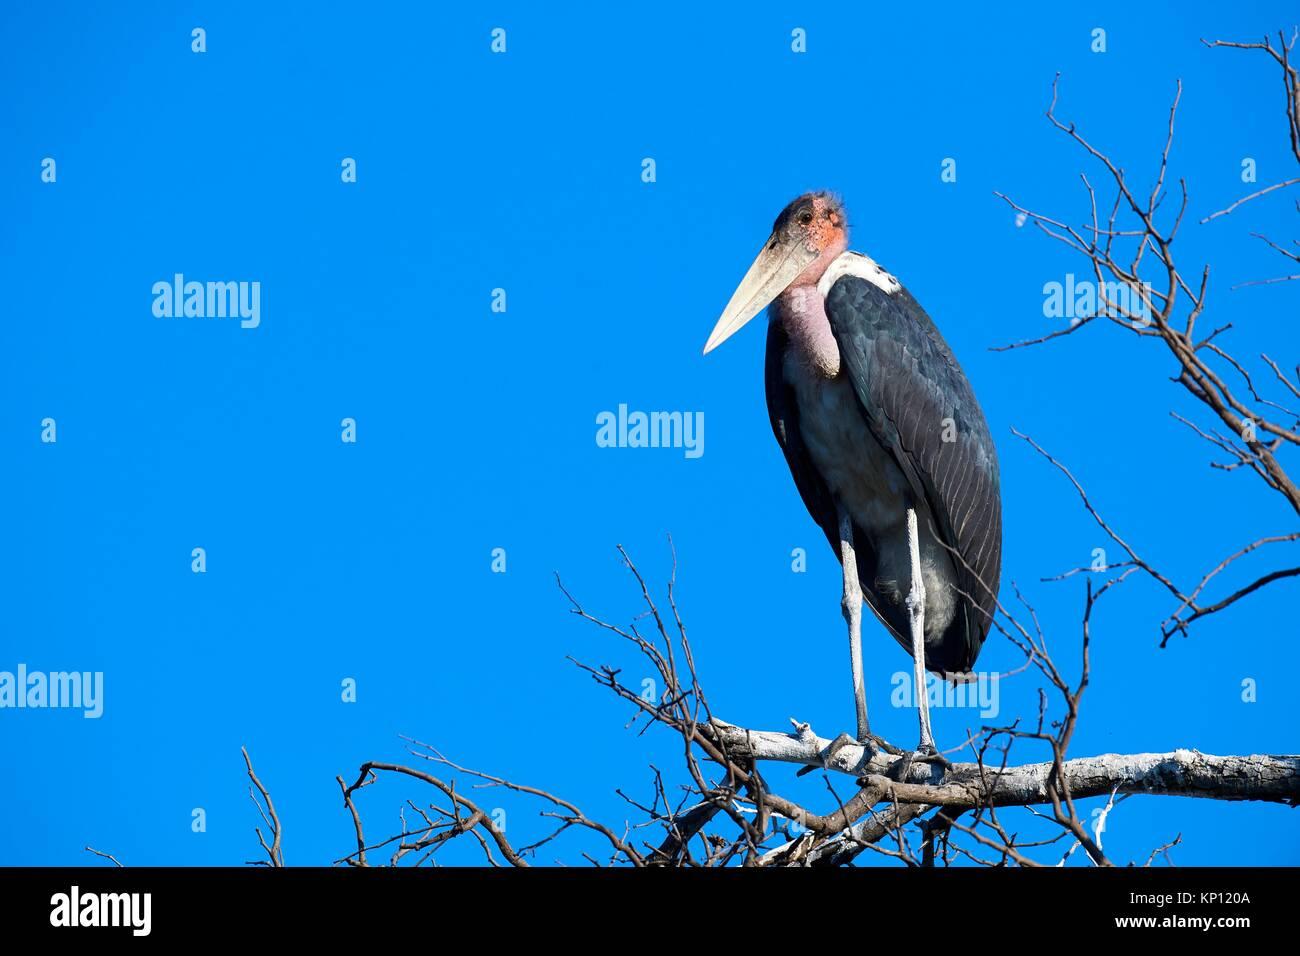 Marabou stork (Milvus aegyptius) perché sur branche. Le Parc National de Moremi, Okavango delta, Botswana, Photo Stock